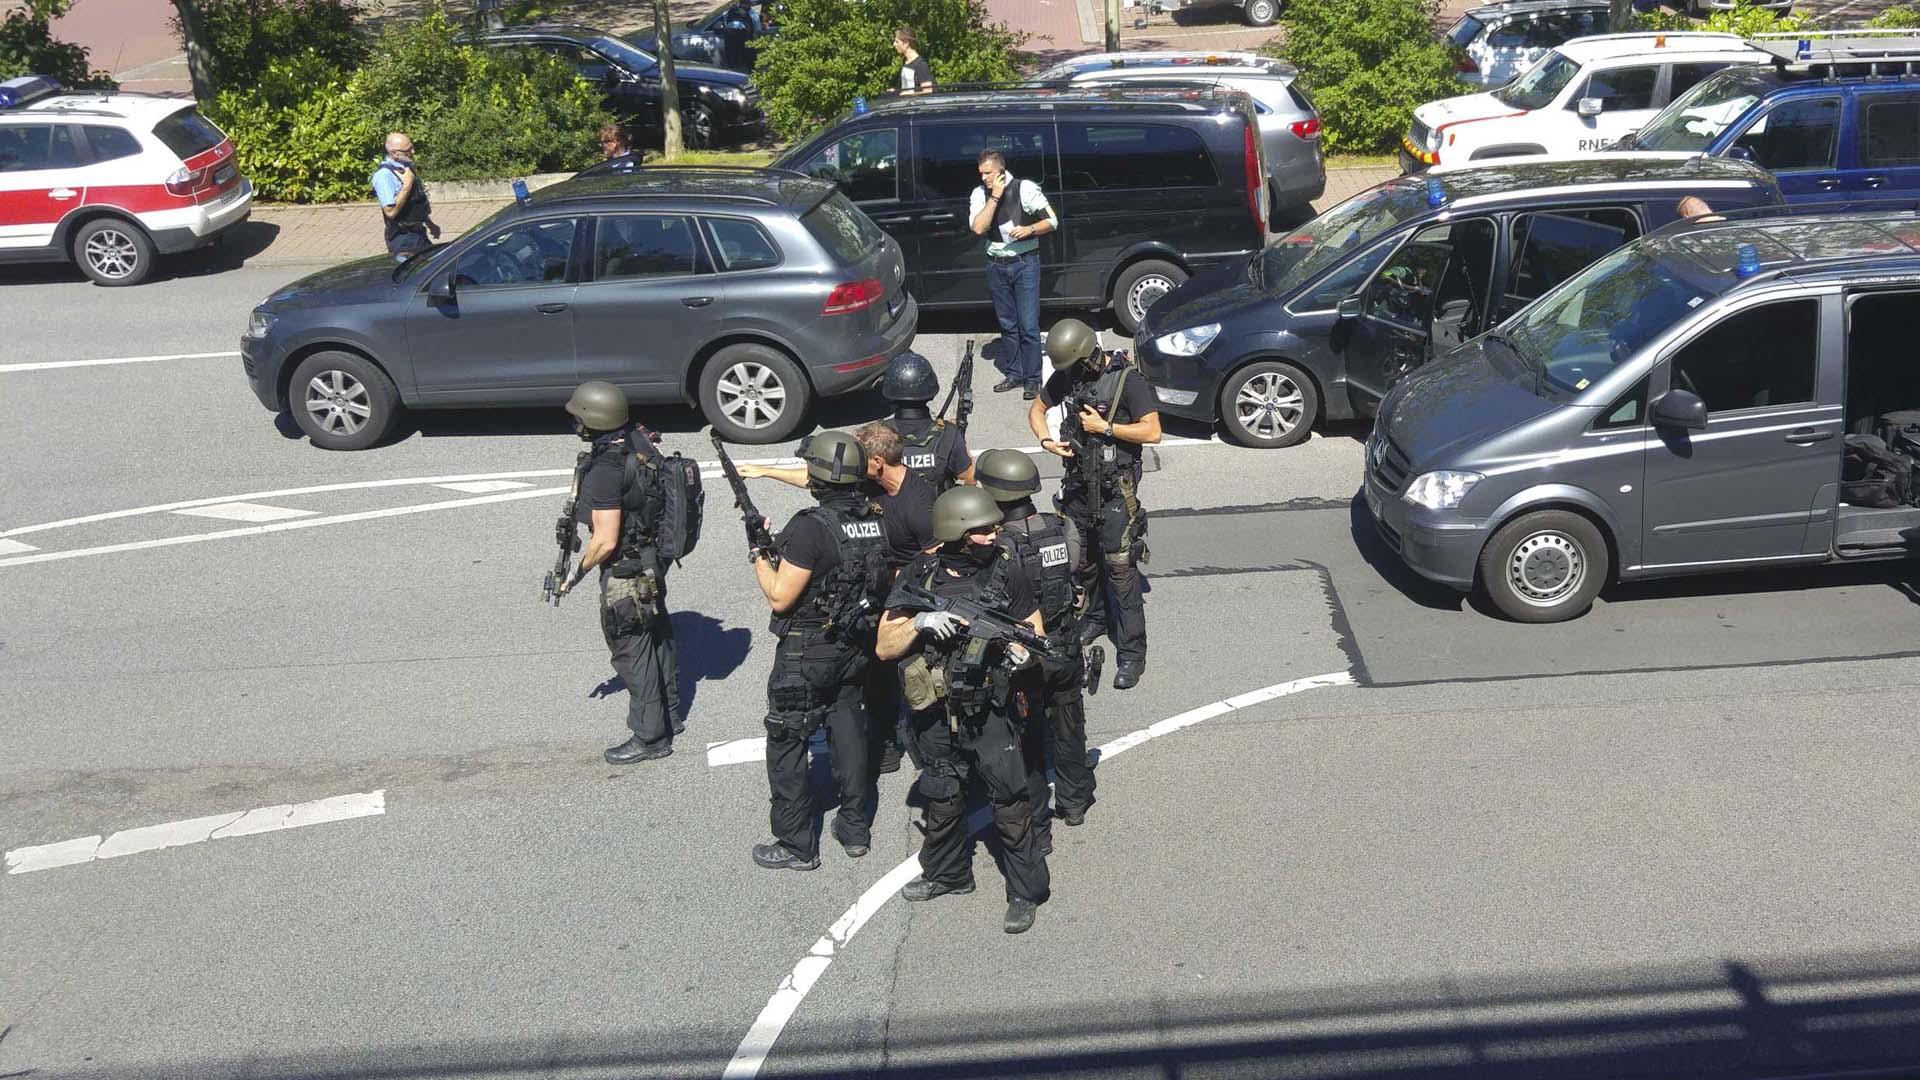 Un hombre armado se atrincheró después de abrir fuego. Las autoridades aseguraron que los rehenes están ilesos